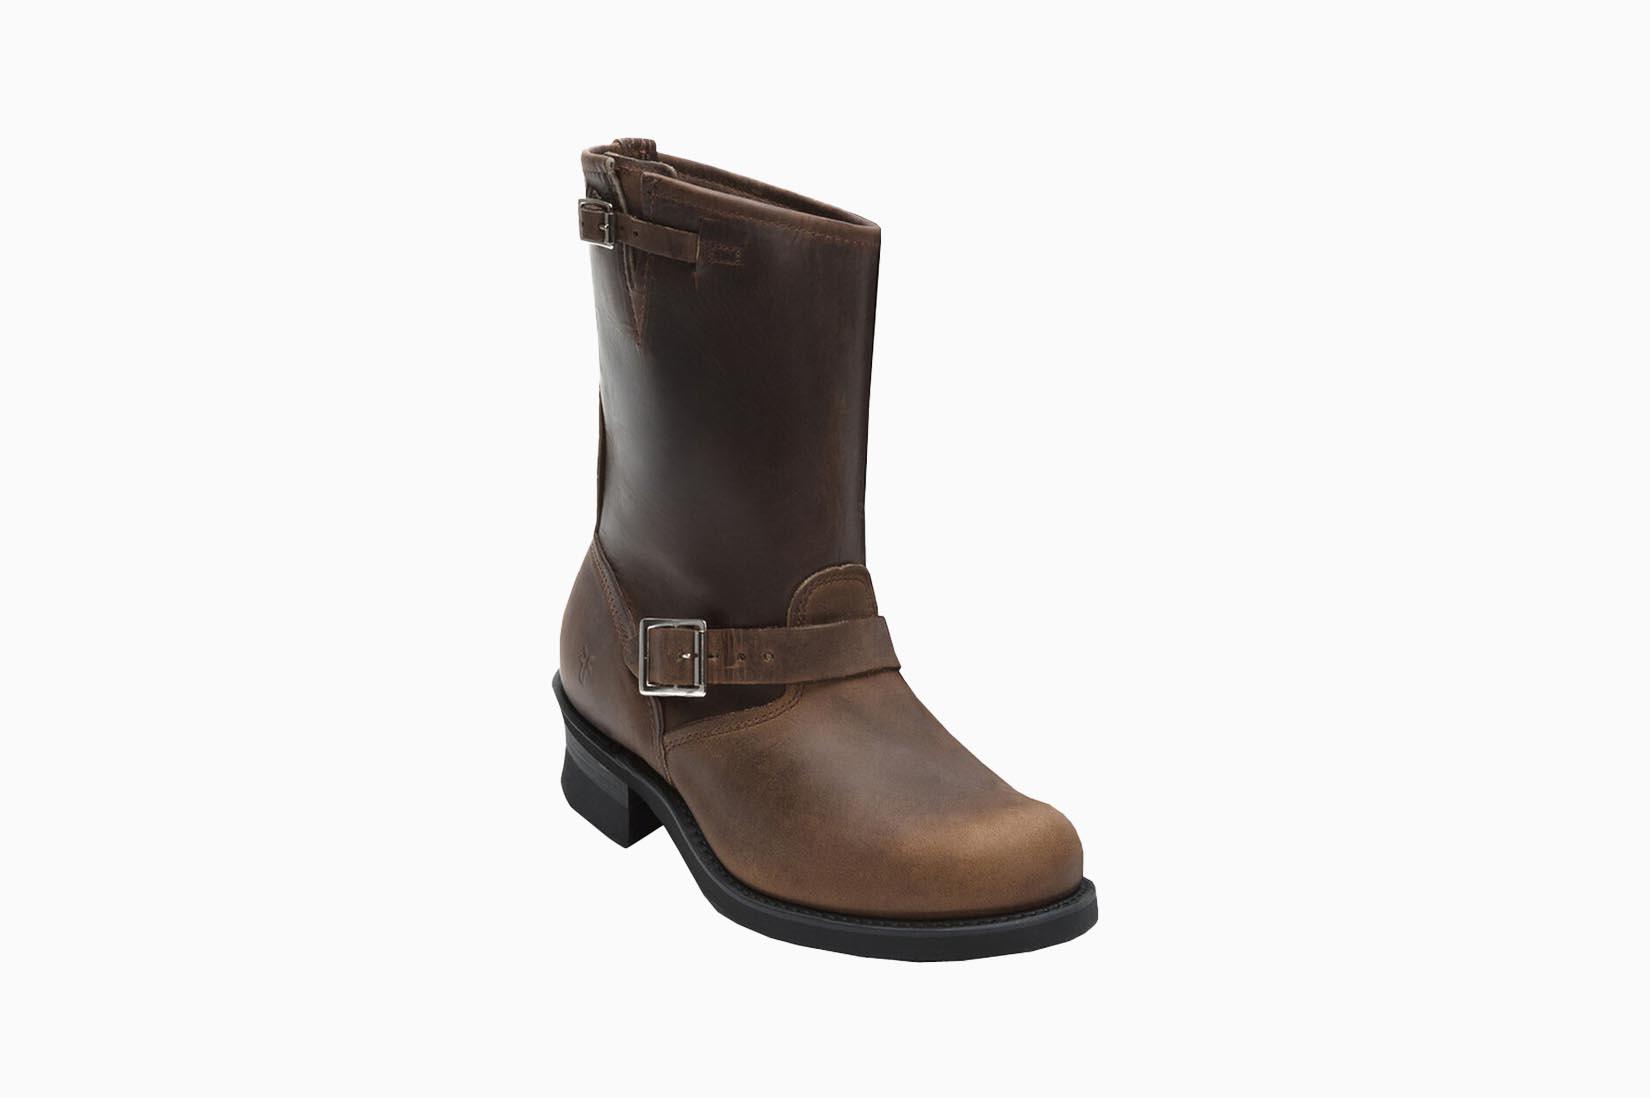 best boots men frye engineer boot review Luxe Digital